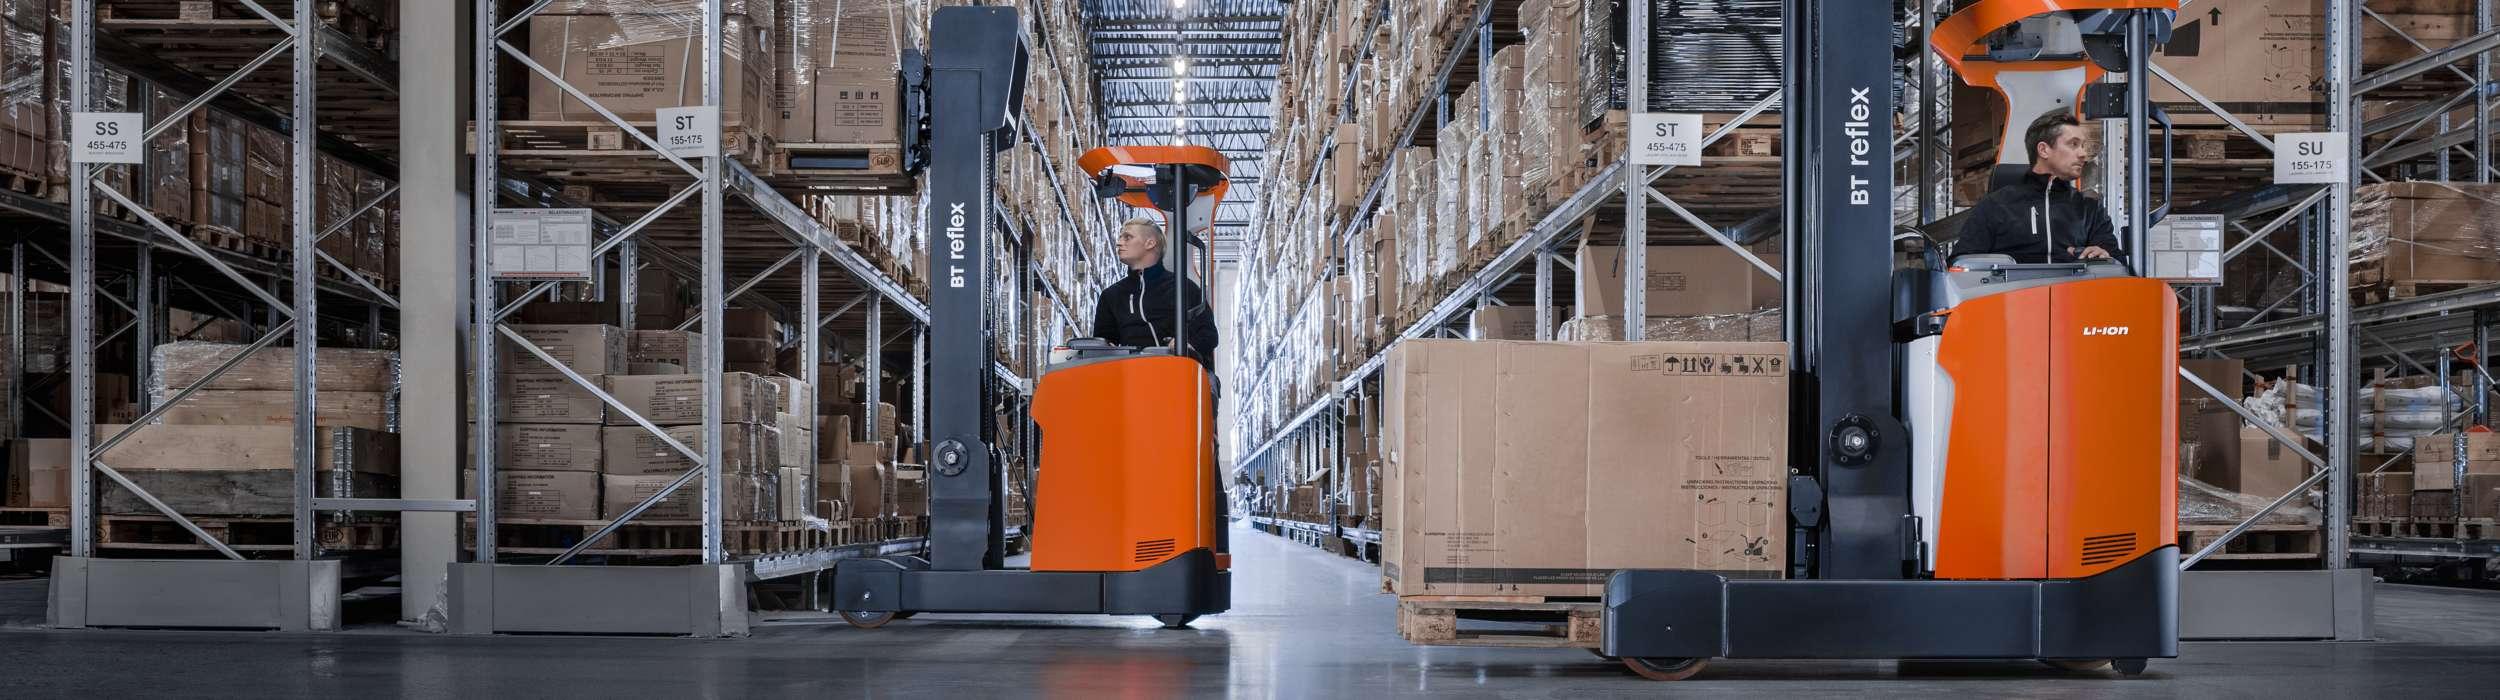 BT Reflex reach trucks used in warehousing